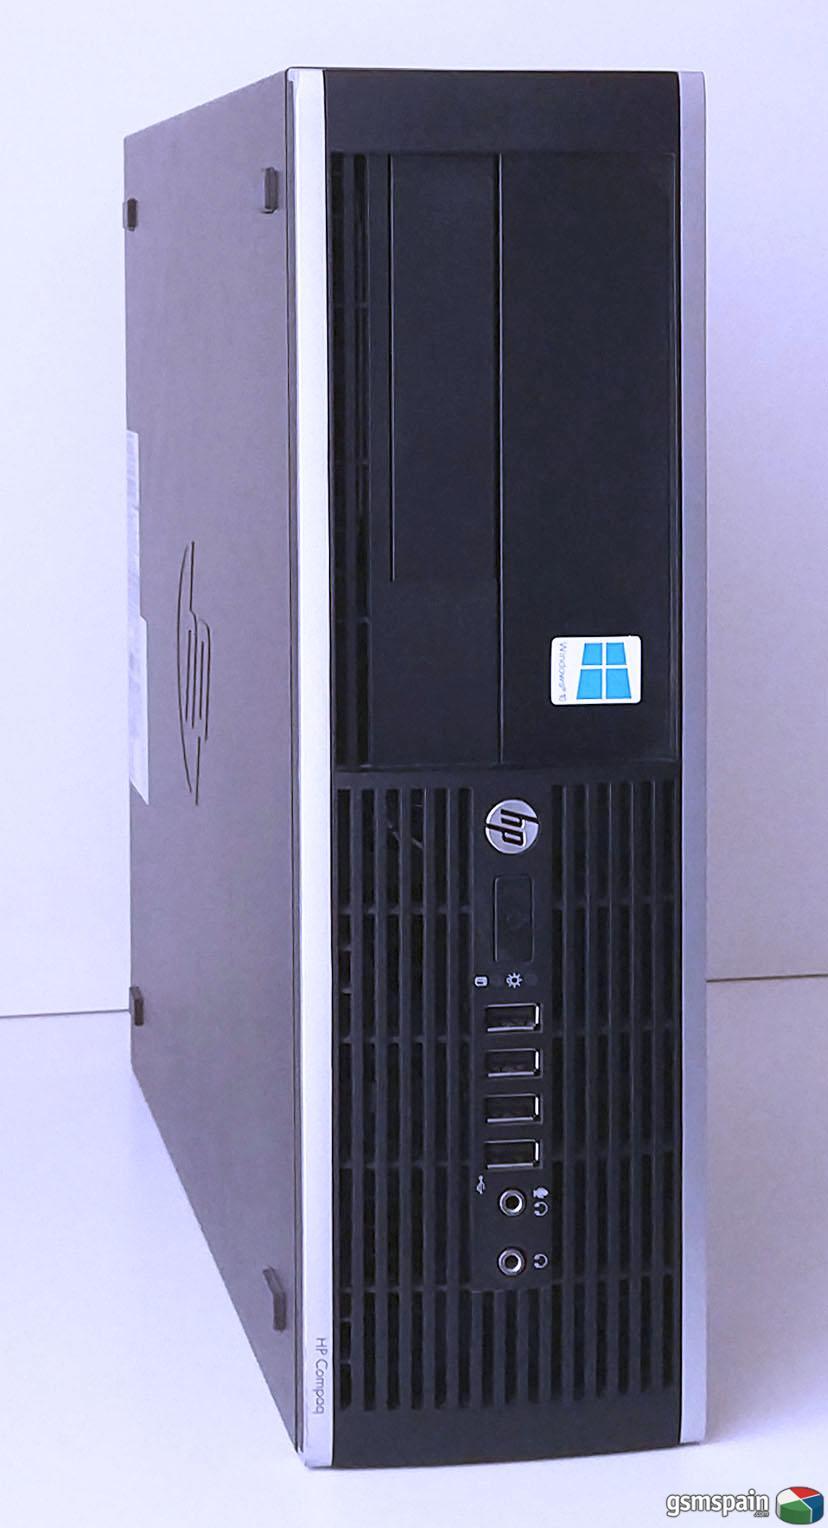 [VENDO] Ordenador HP Compaq 8200 Elite - Wifi - Hdmi